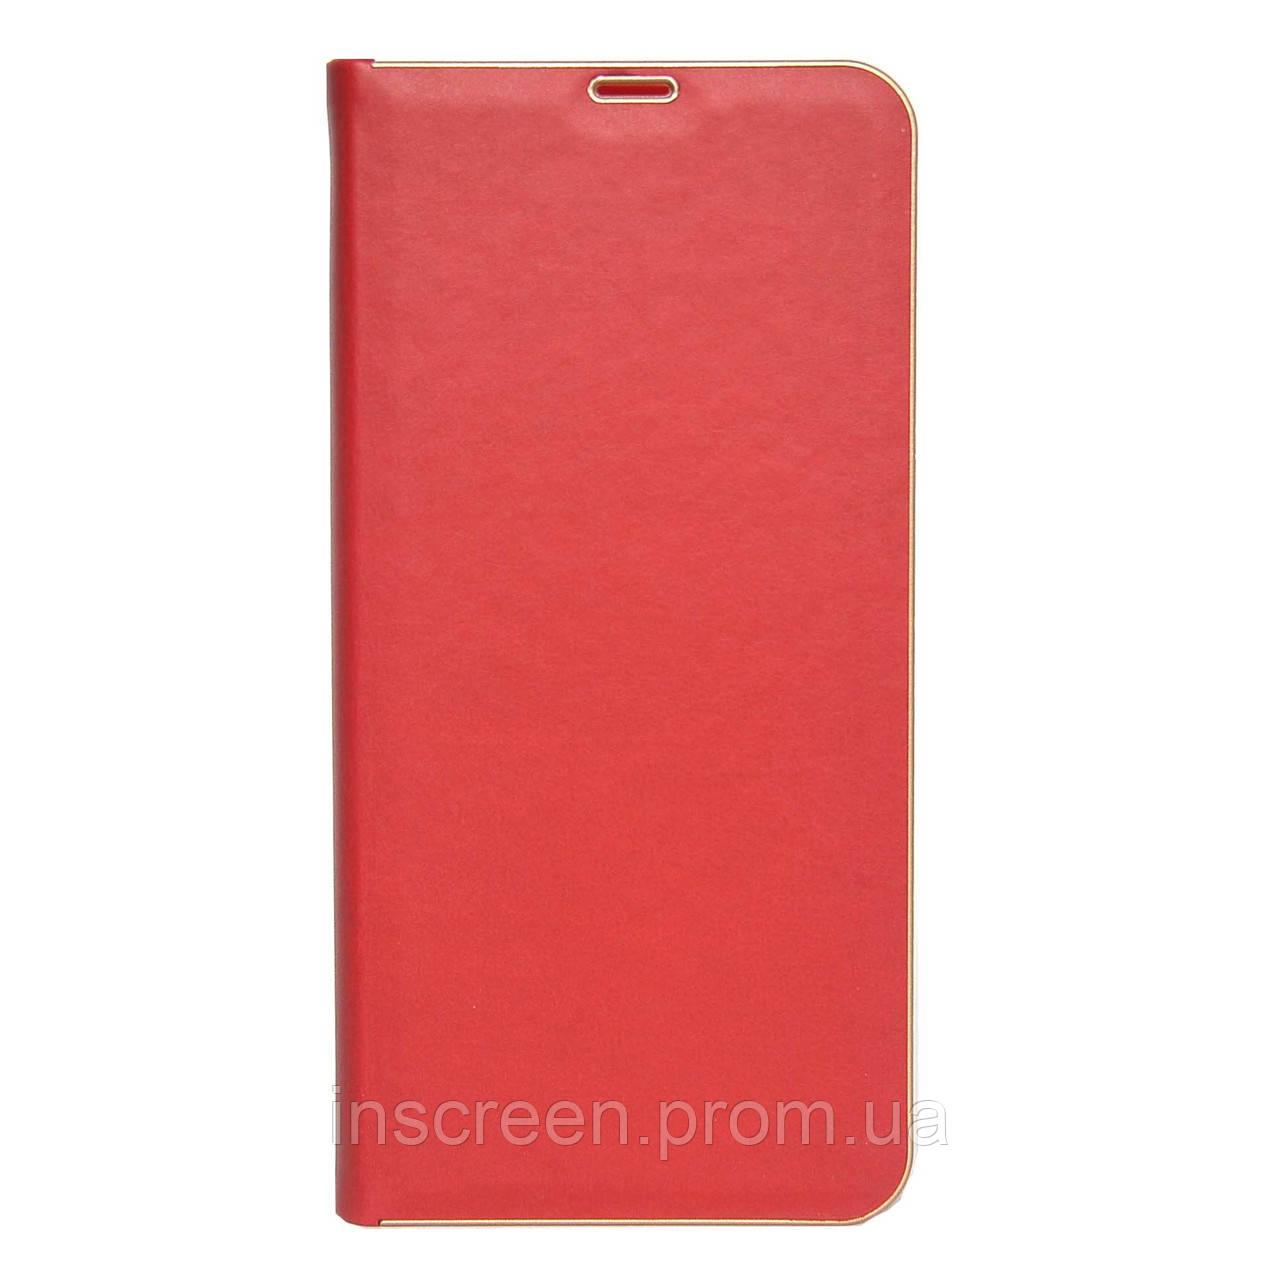 Чохол-книжка Florence TOP 2 Samsung A217F A21s (2020) під шкіру червоний